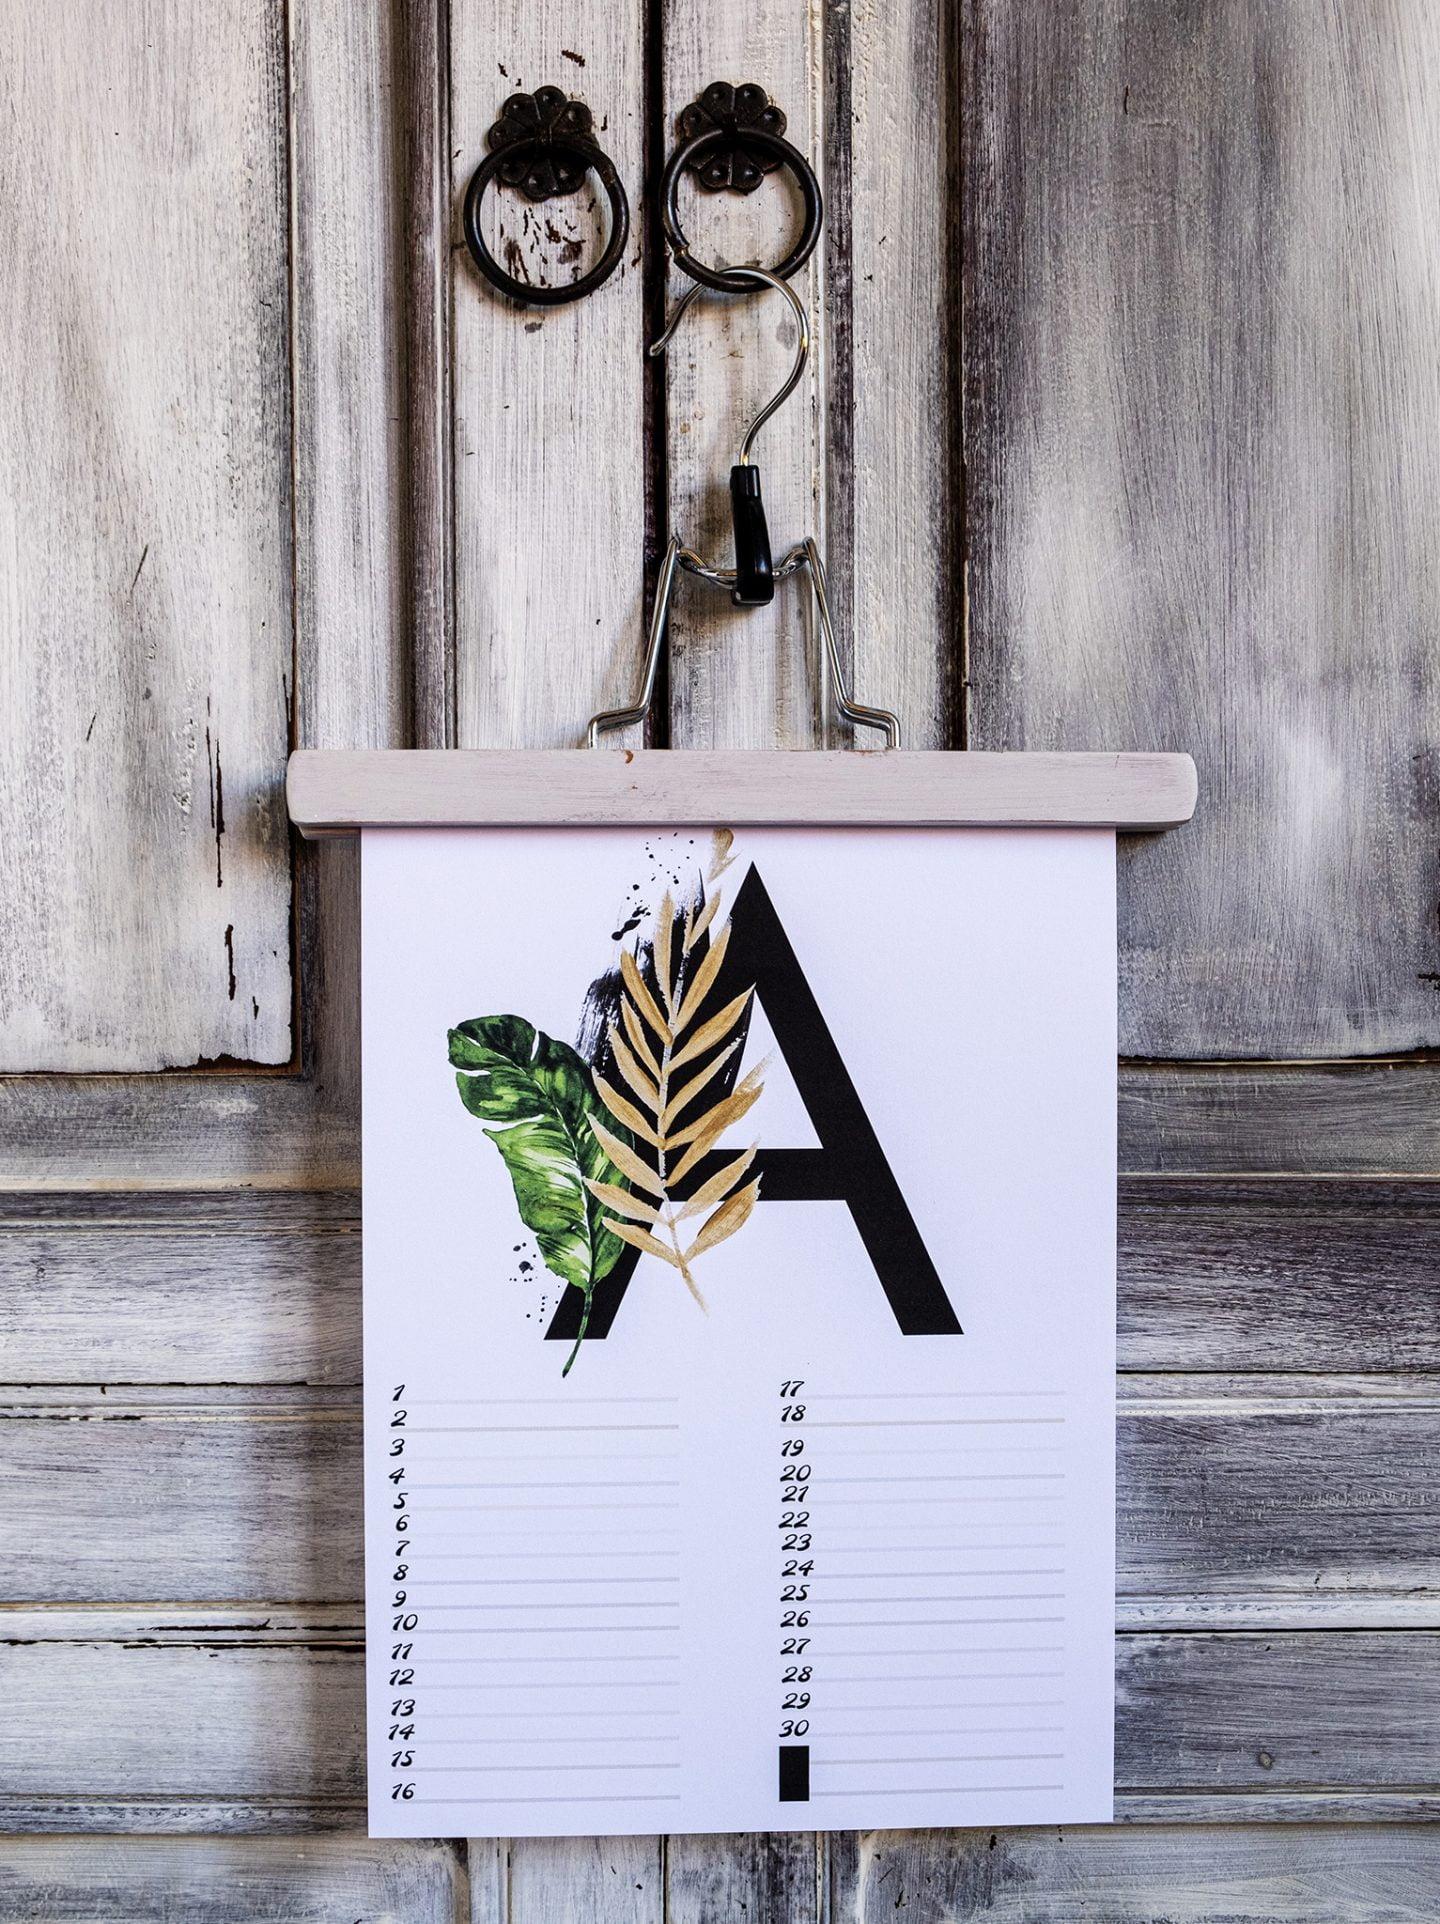 elsarblog Gratis verjaardagskalender alfabet van April – Nr.4